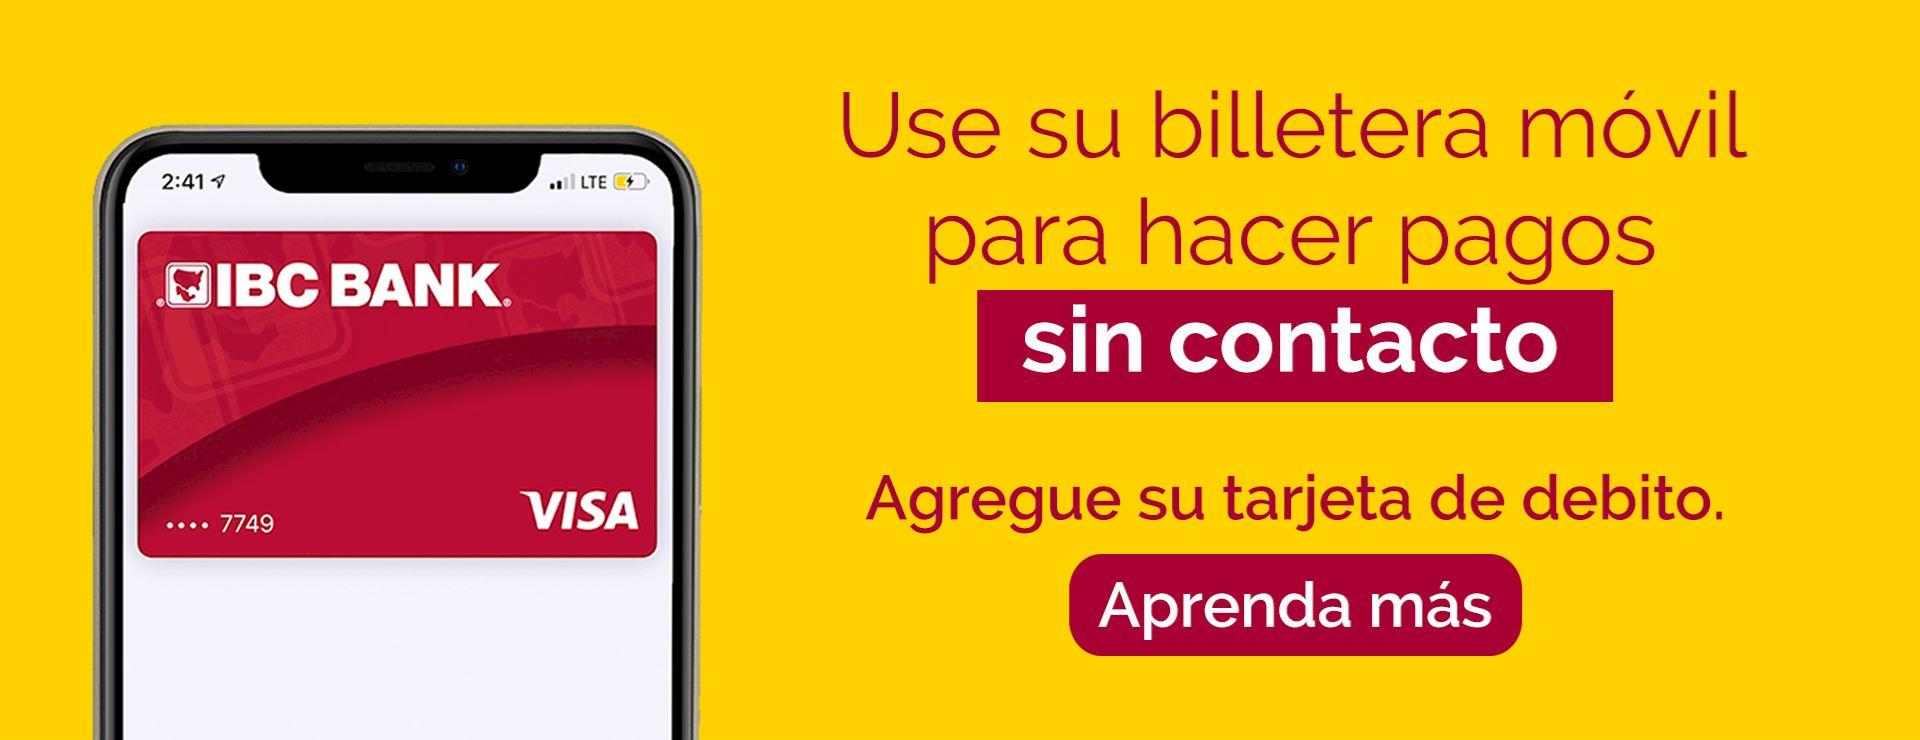 Julio 2020 - Mobile Wallet